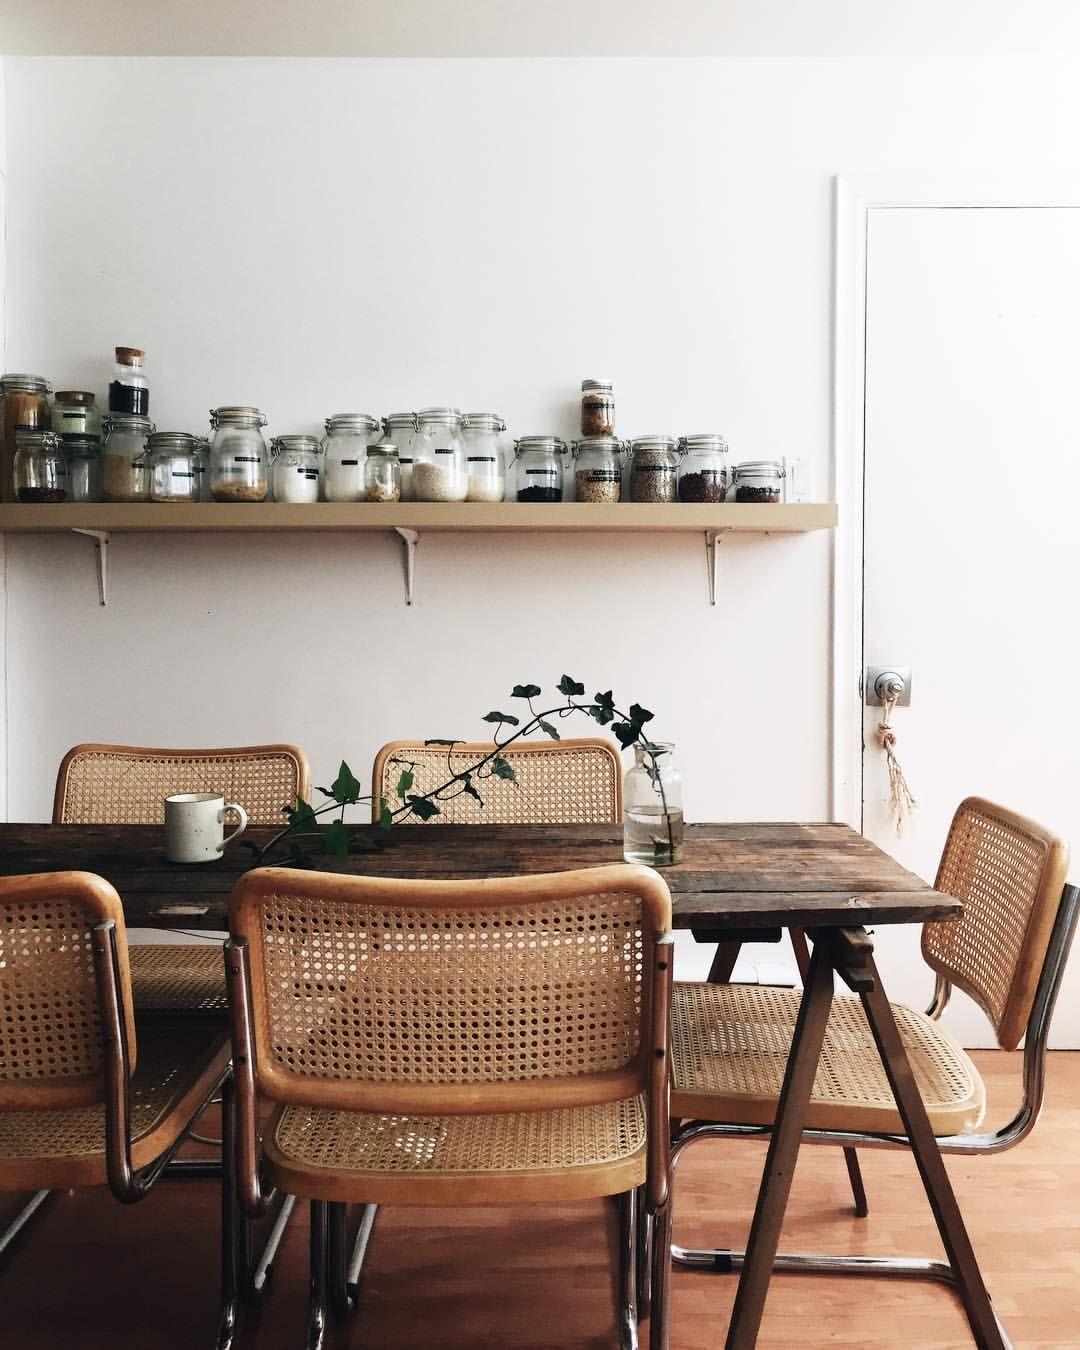 Genial Une Table En Bois Brut Et Des Chaises En Cannage Vintage Pour Une Salle à  Manger Chaleureuse